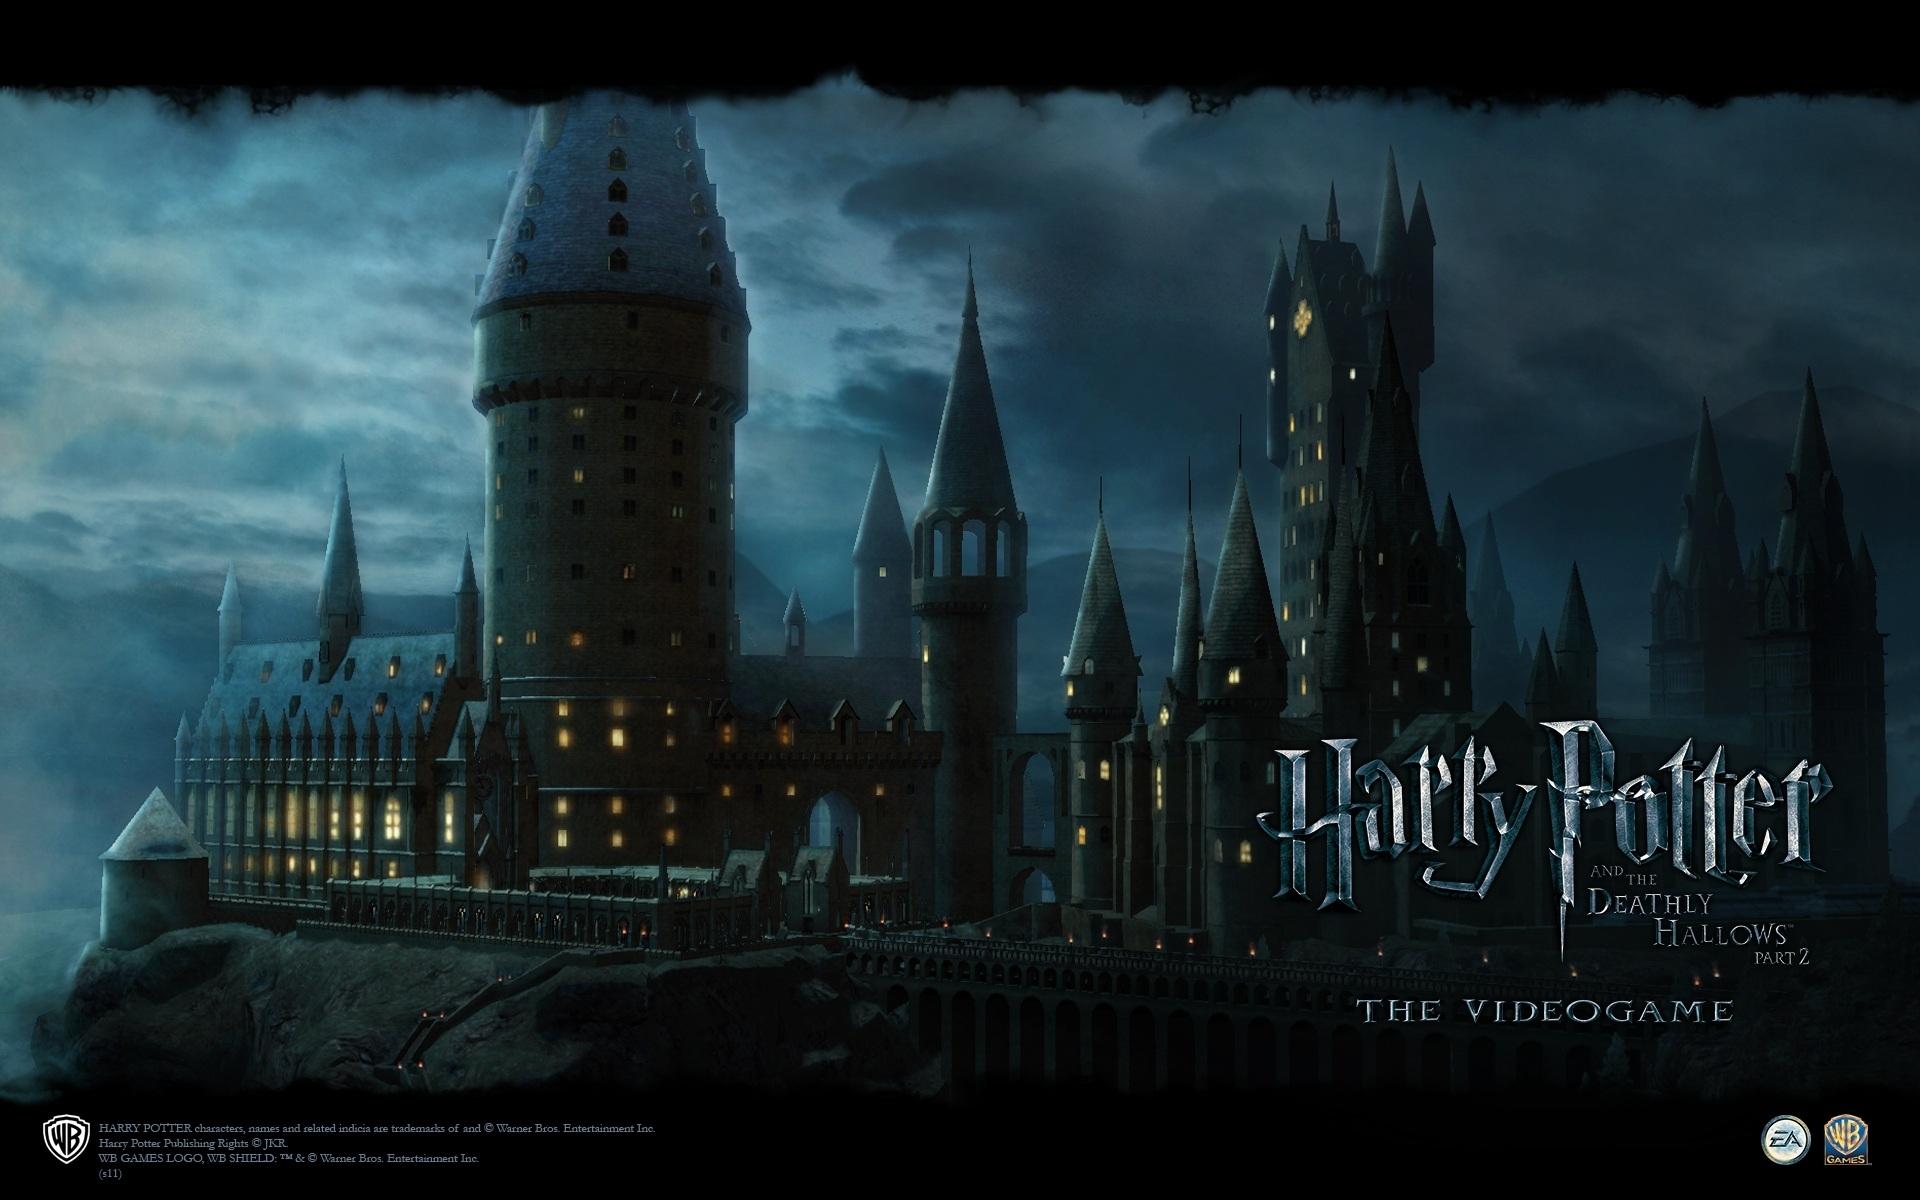 harry potter desktop backgrounds of video game. - media file